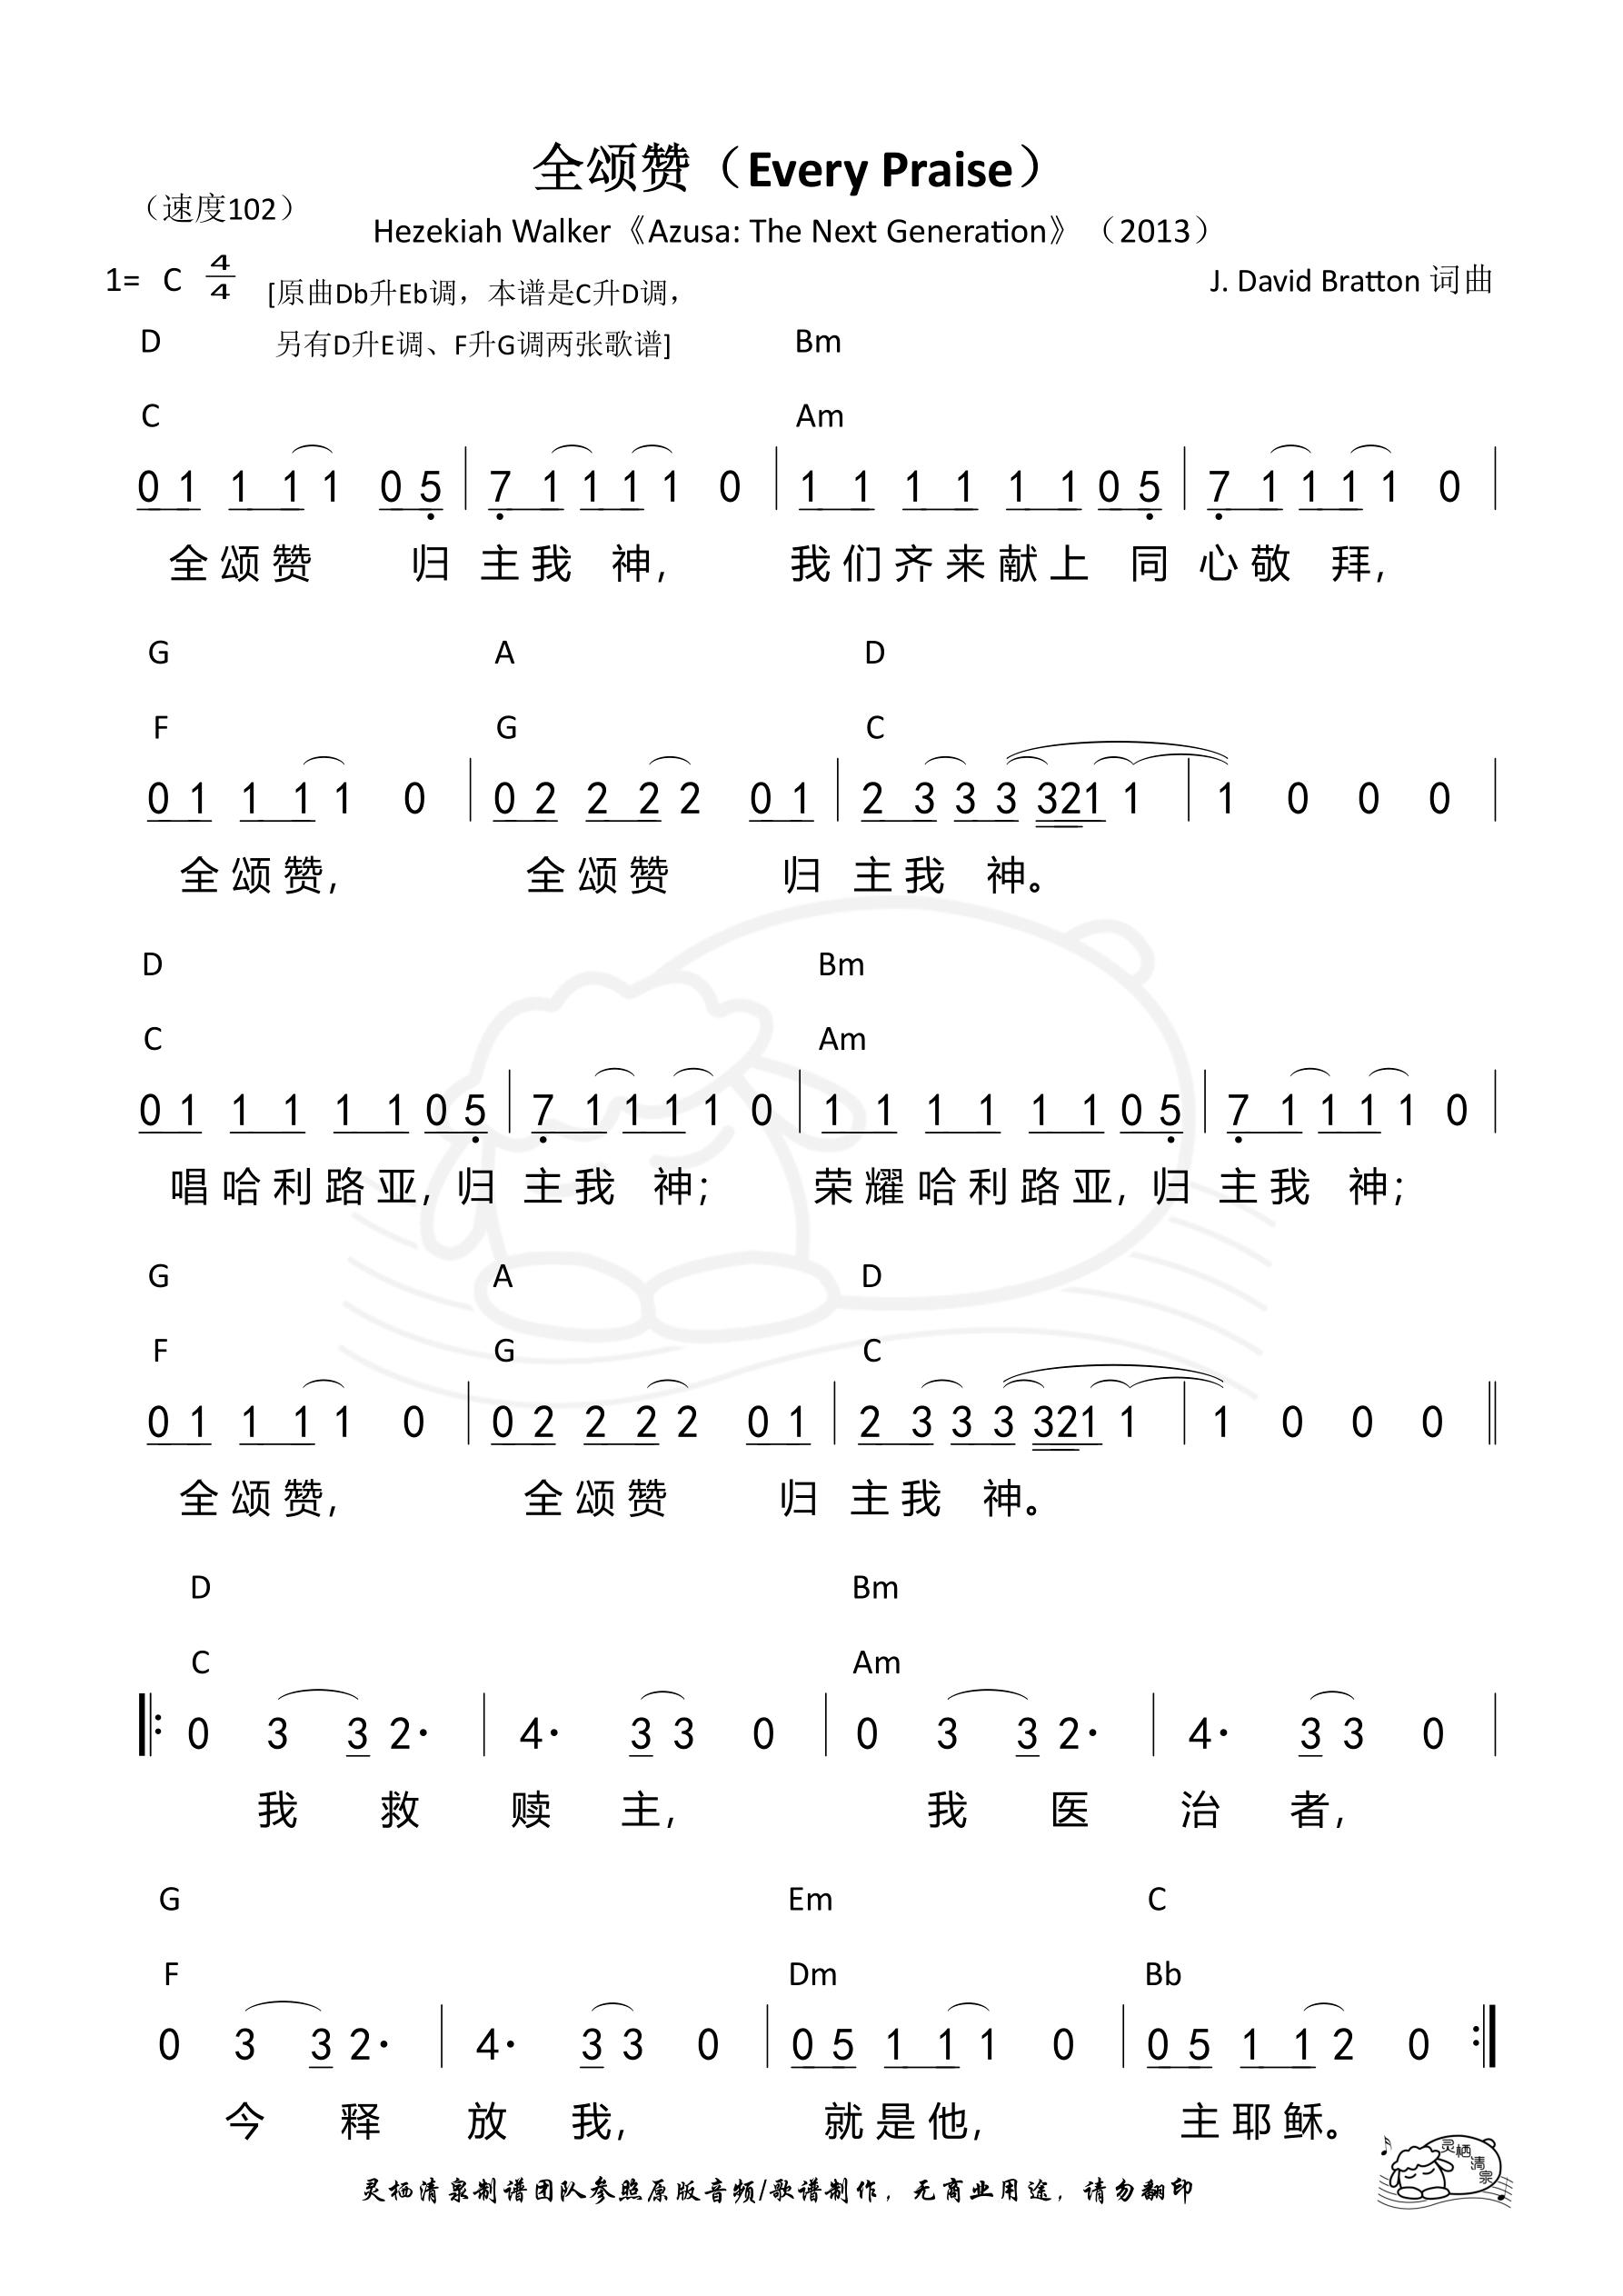 《第995首 - 全颂赞(Every Praise)(C升D)》